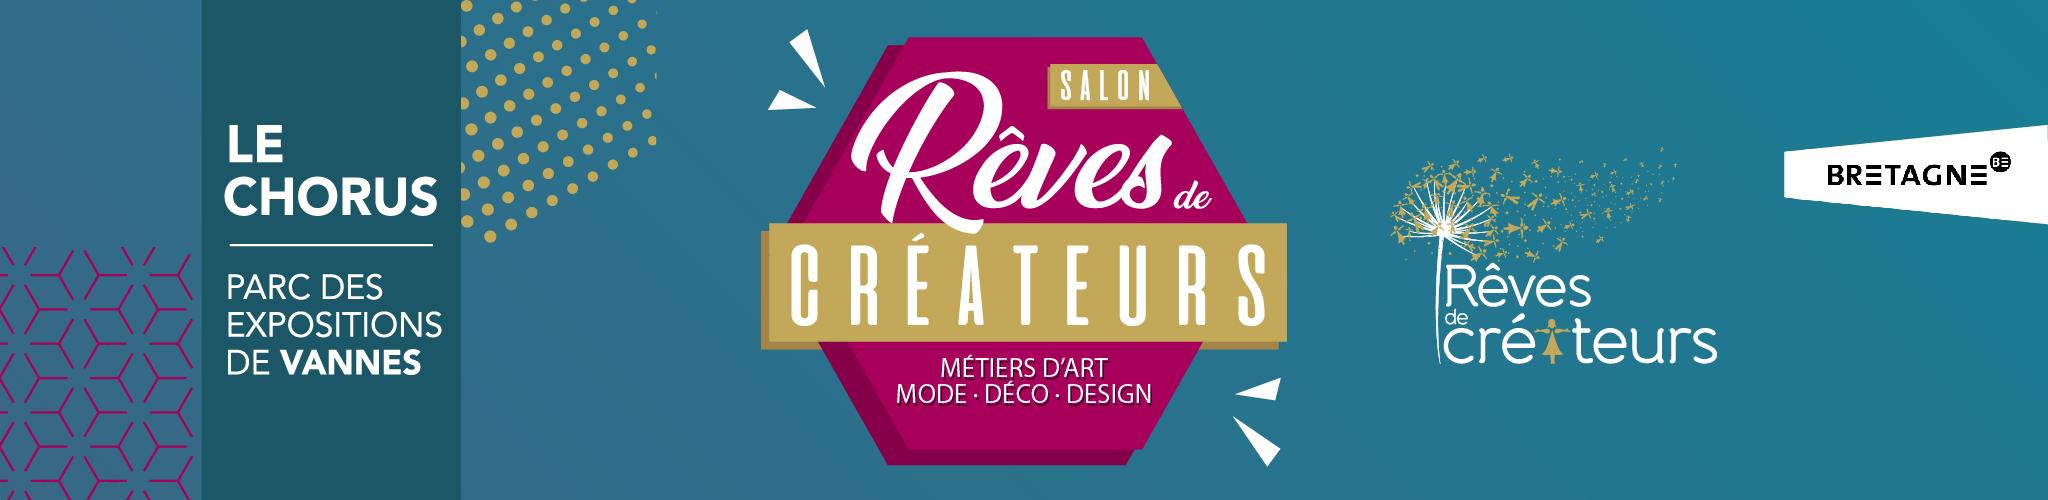 Salon-Reves-de-createurs